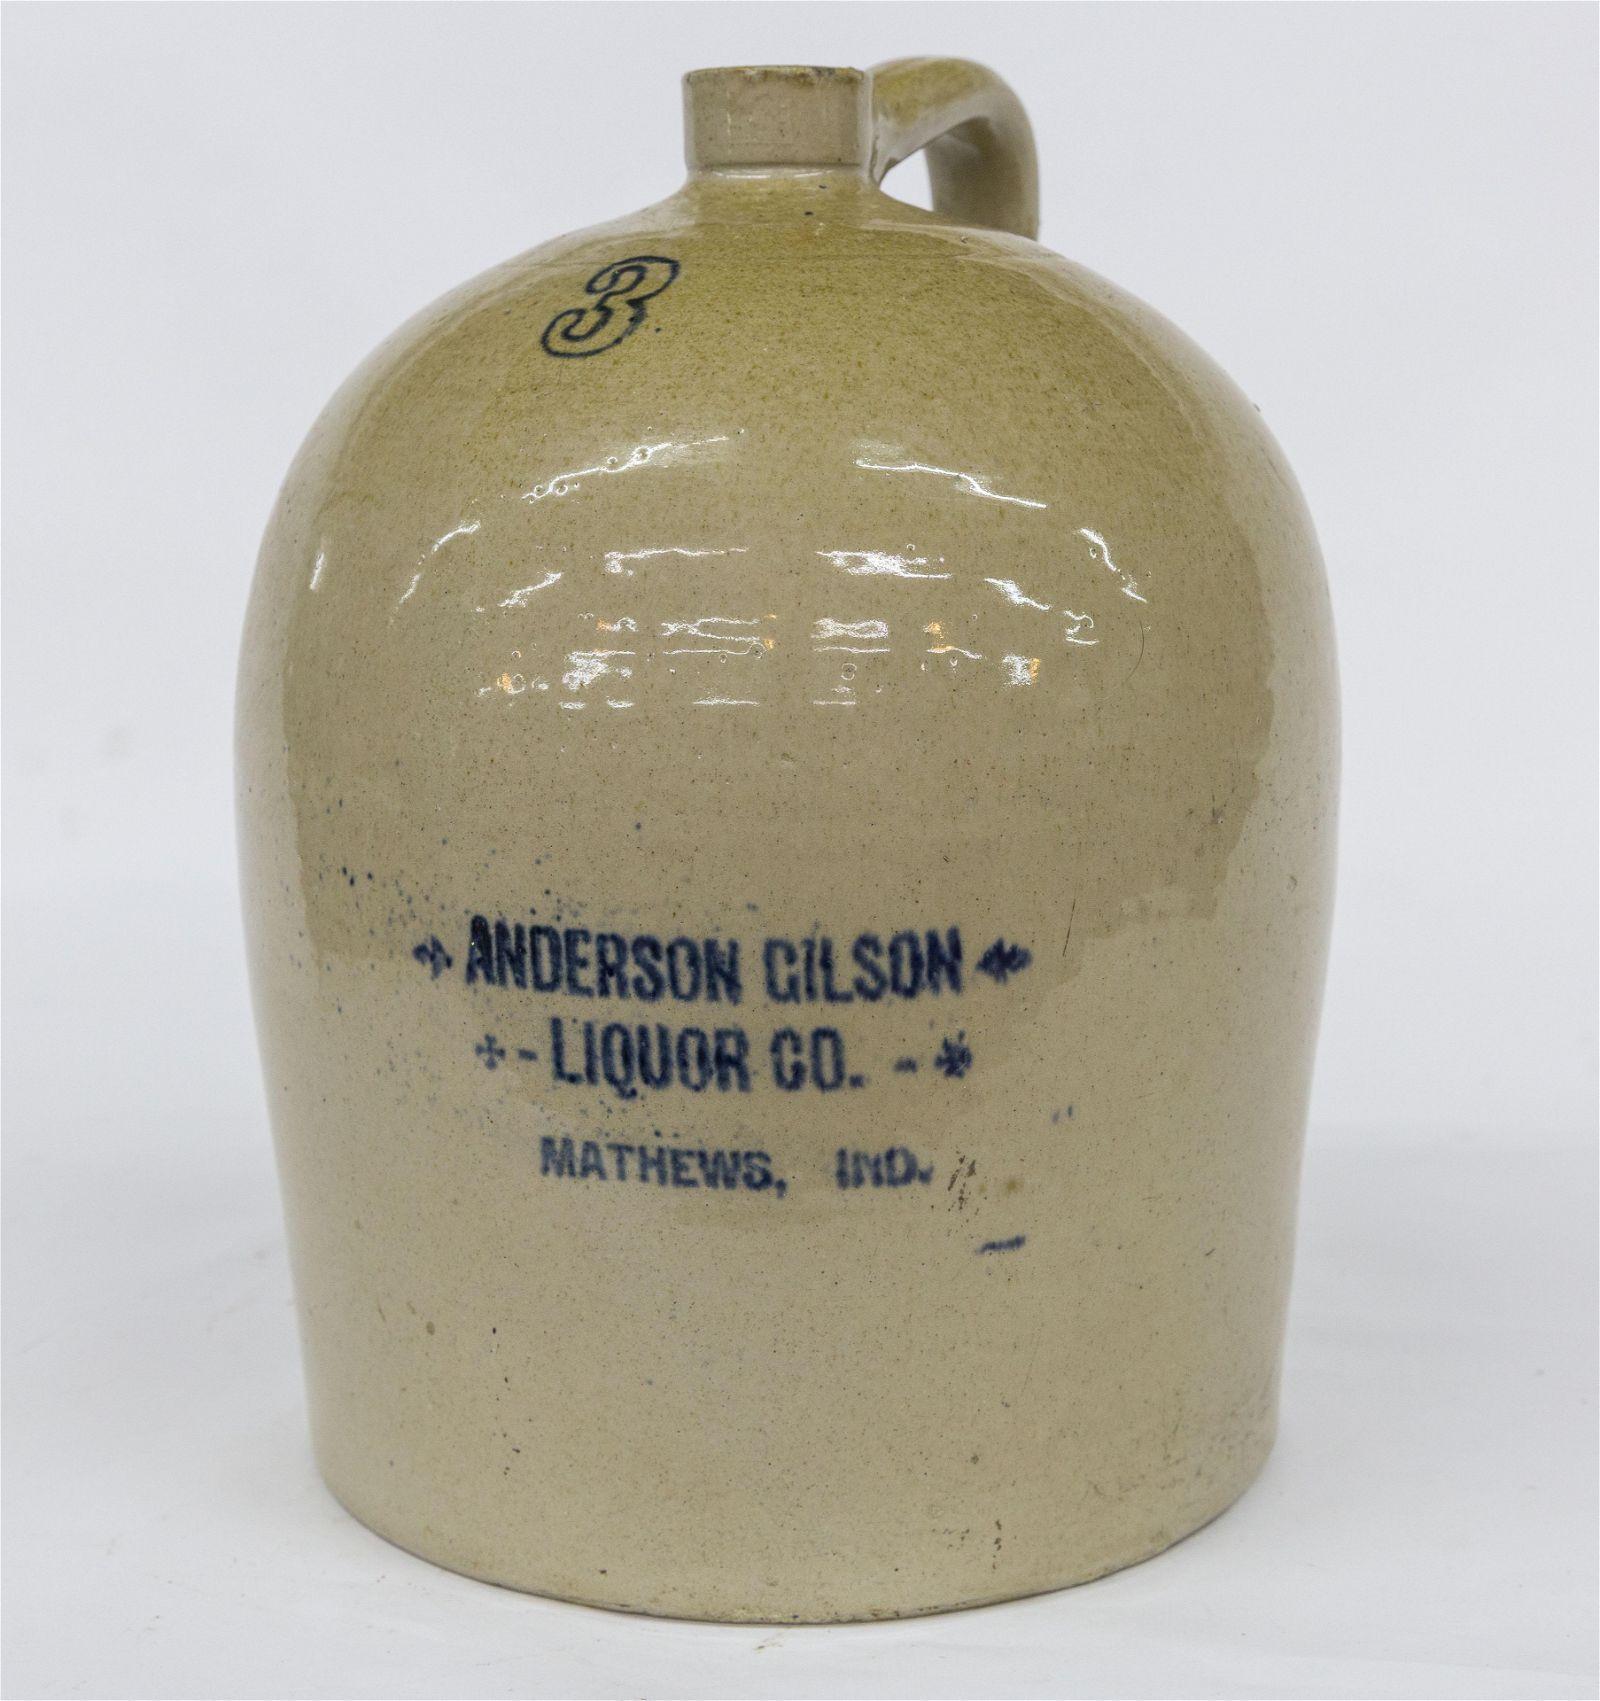 Anderson Gilson Liquor Co. Stoneware Jug